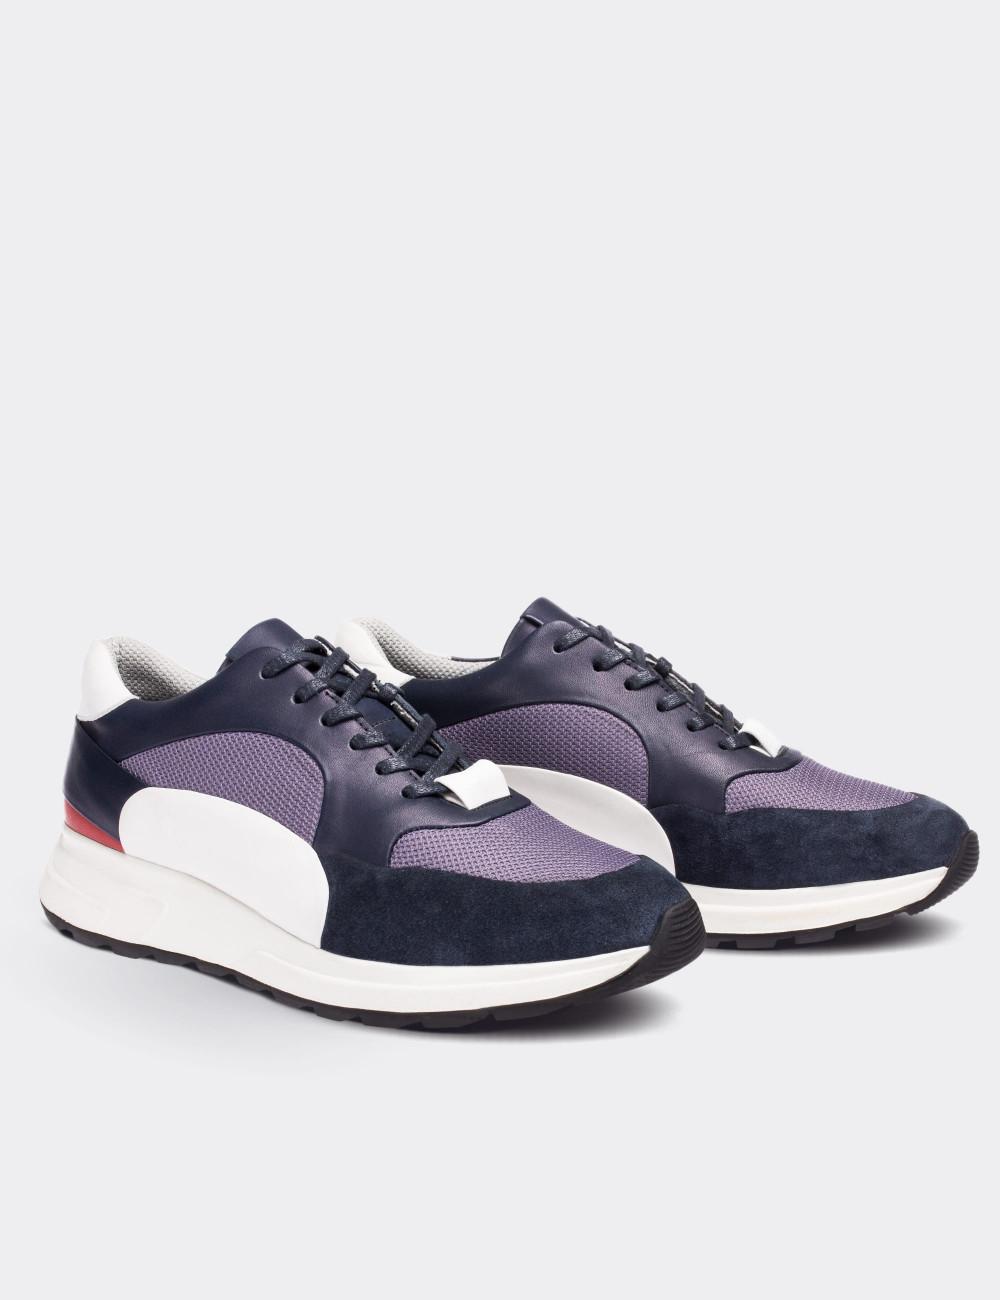 Hakiki Deri Lacivert Özel Üretim Erkek Sneaker - 01726MLCVT01